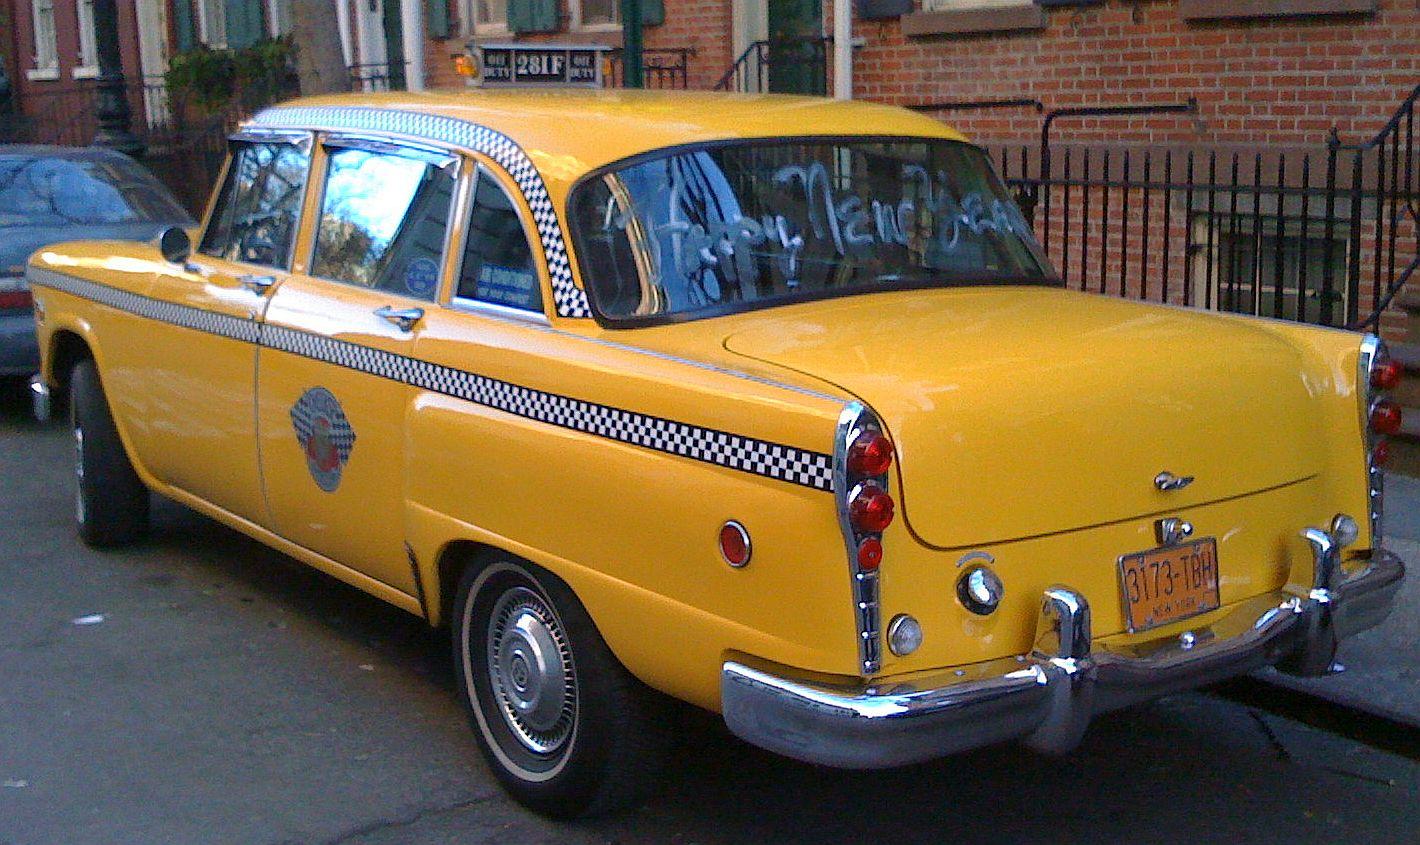 alianzaverdeporlaccionpacifica: Last of the Checker Taxi